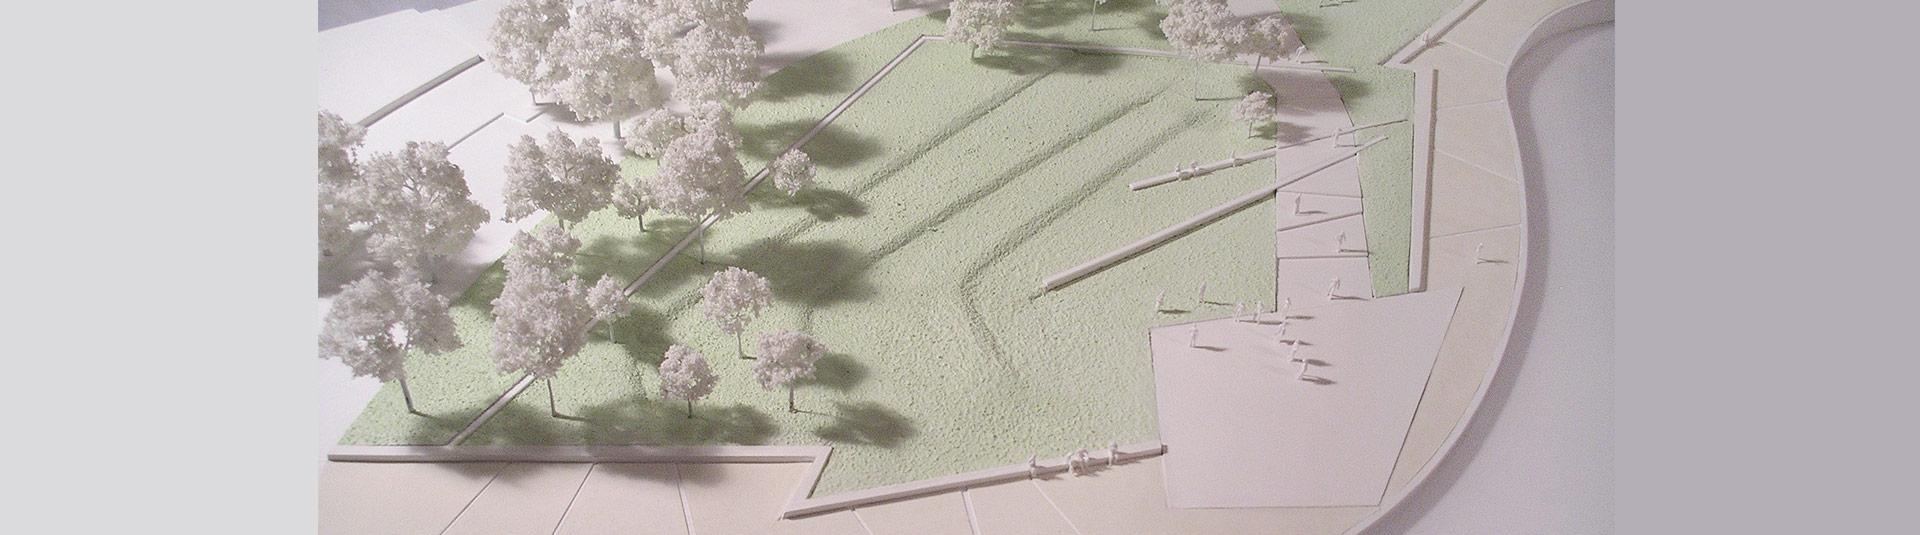 Crescent Park model